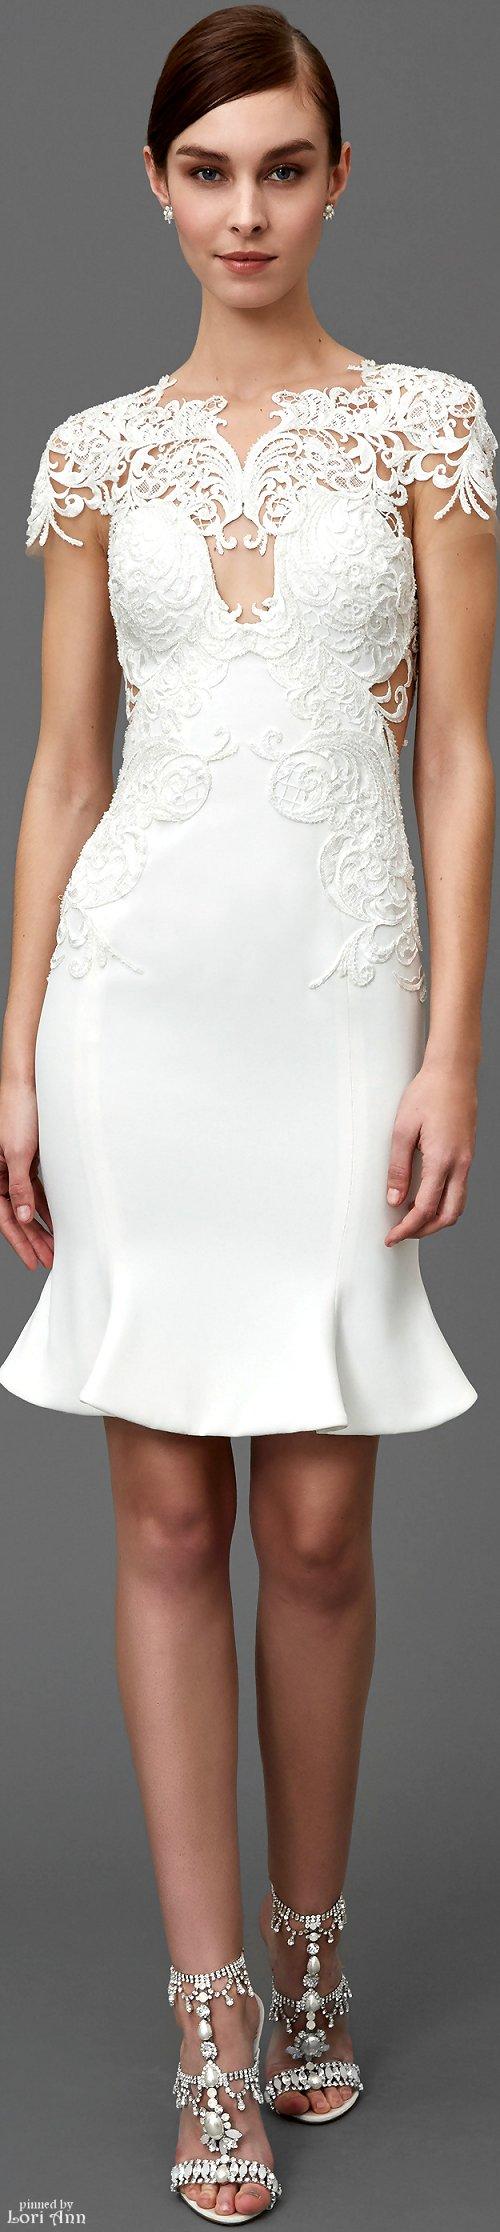 Maɽƈɧҽʂa prefall white lace dress women fashion outfit